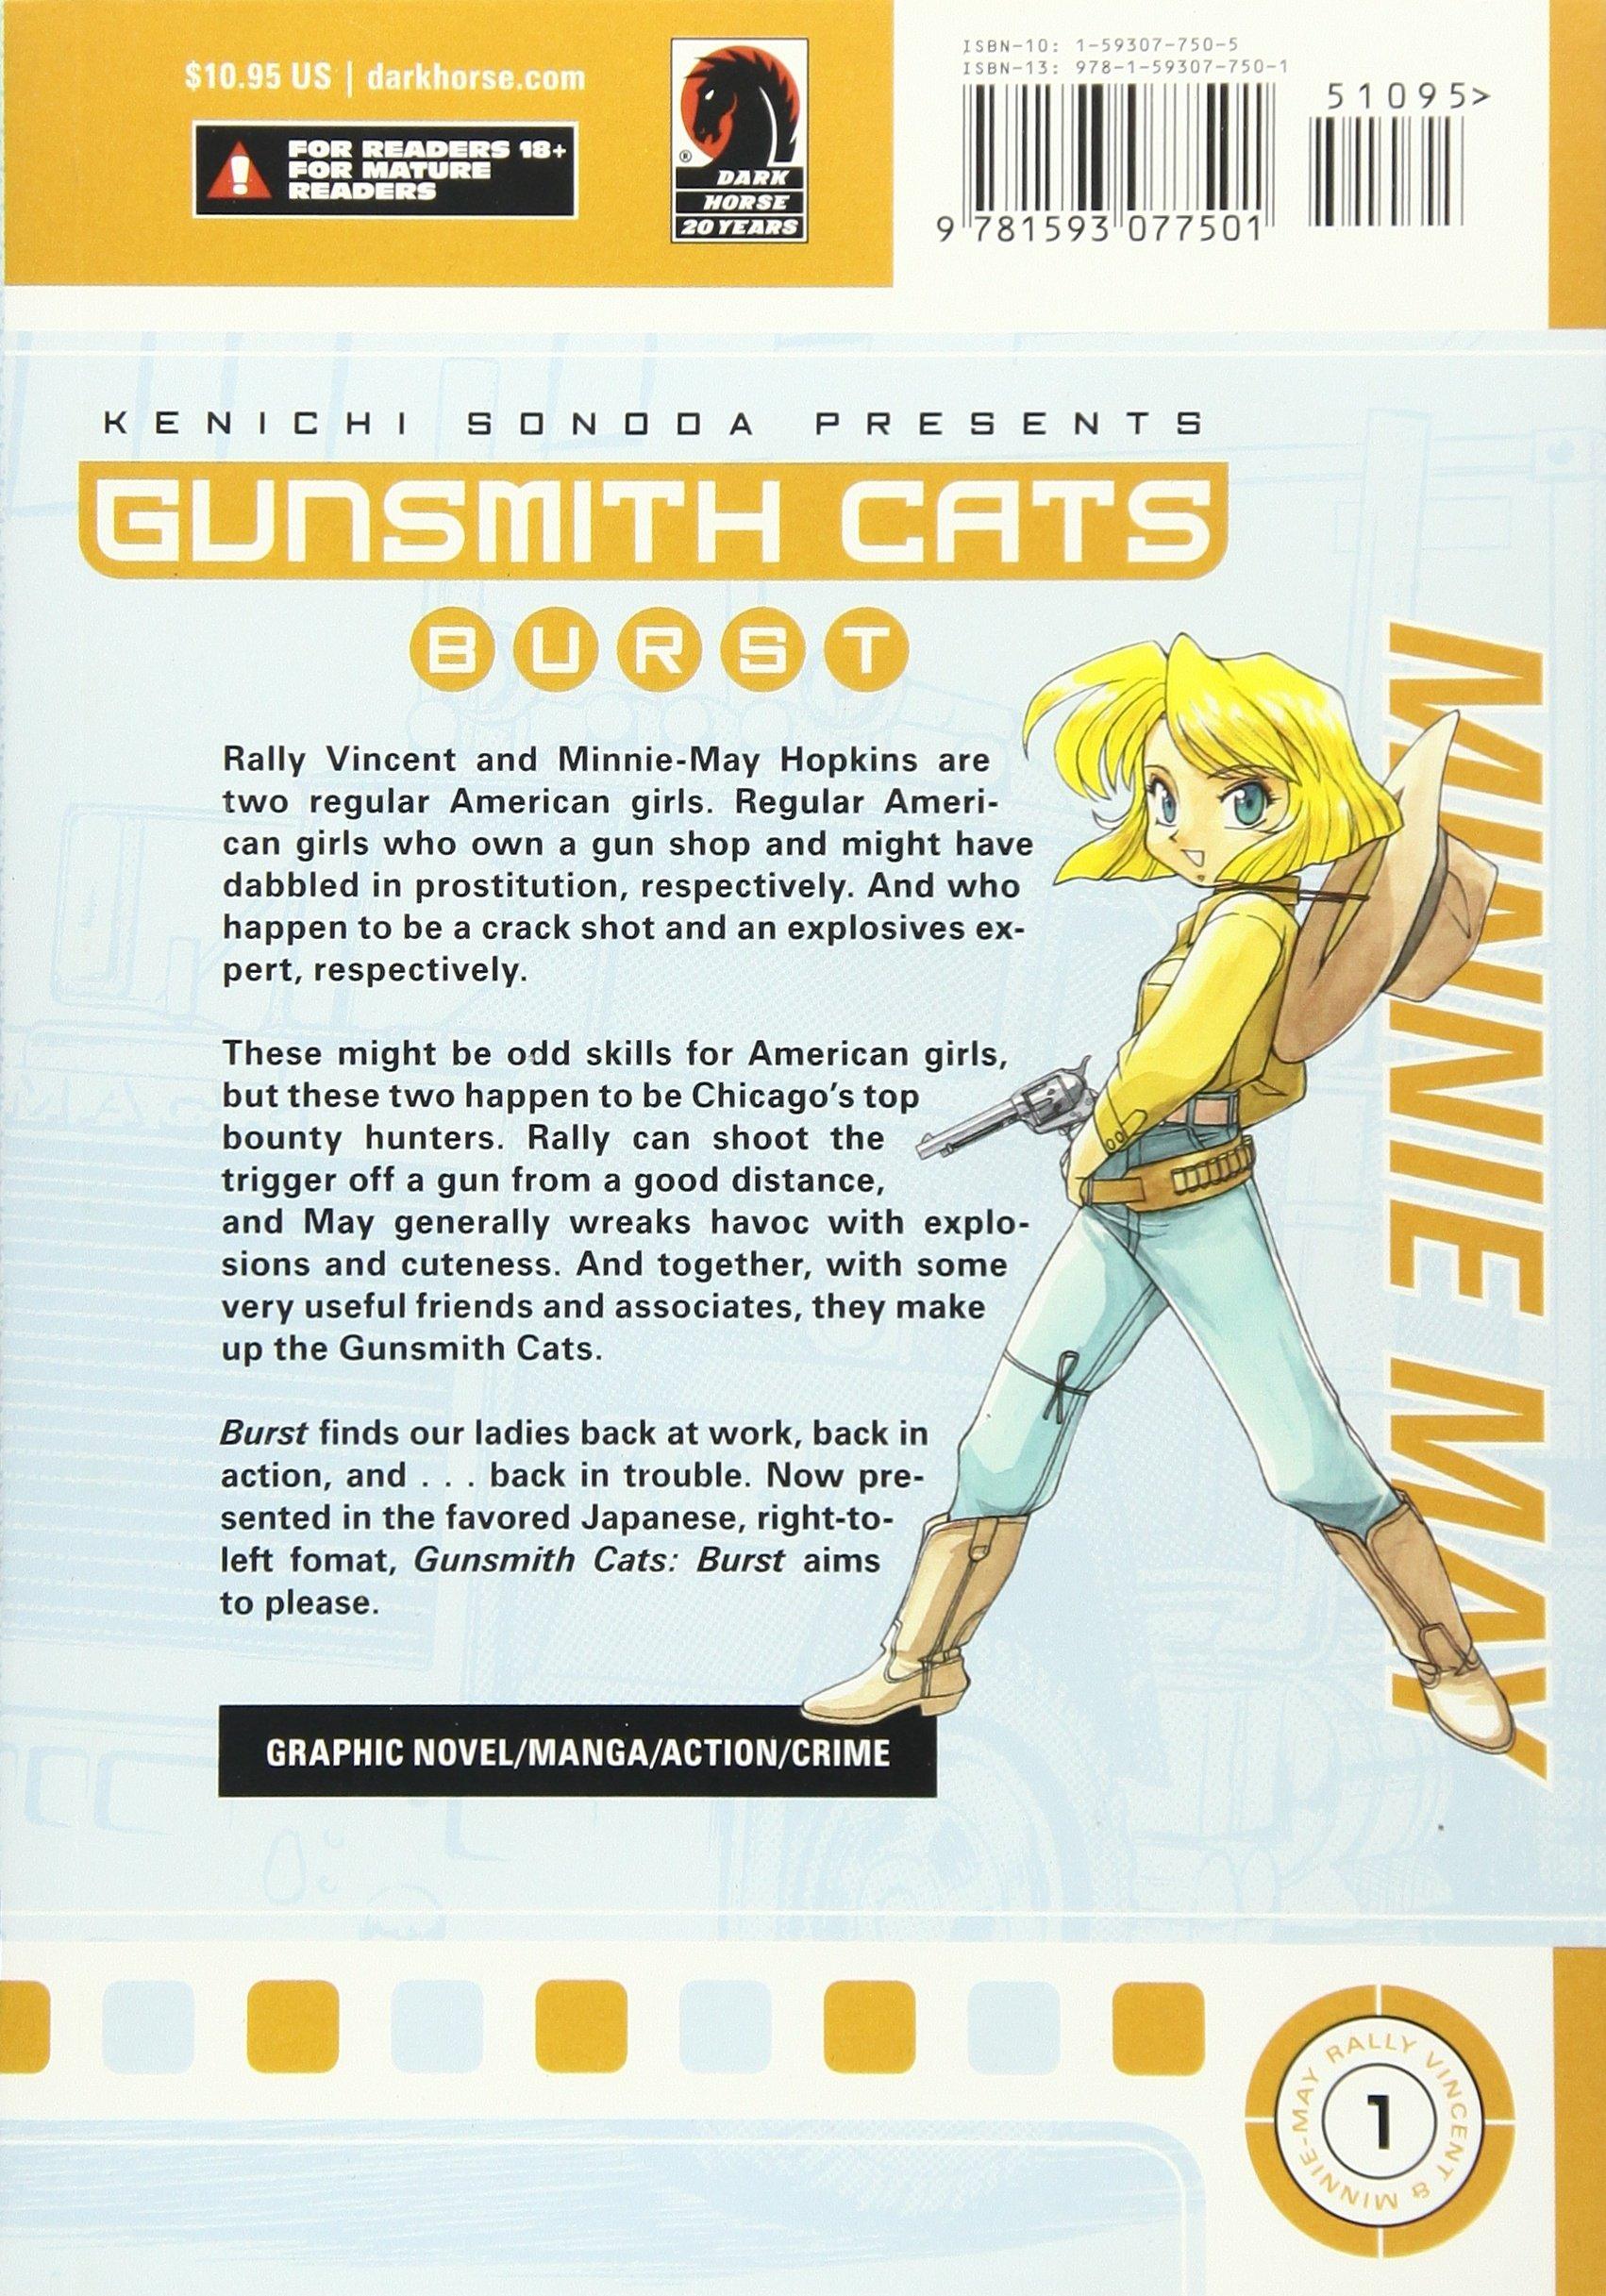 Gunsmith Cats: Burst, Vol. 1 (v. 1): Kenichi Sonoda: 9781593077501 ...